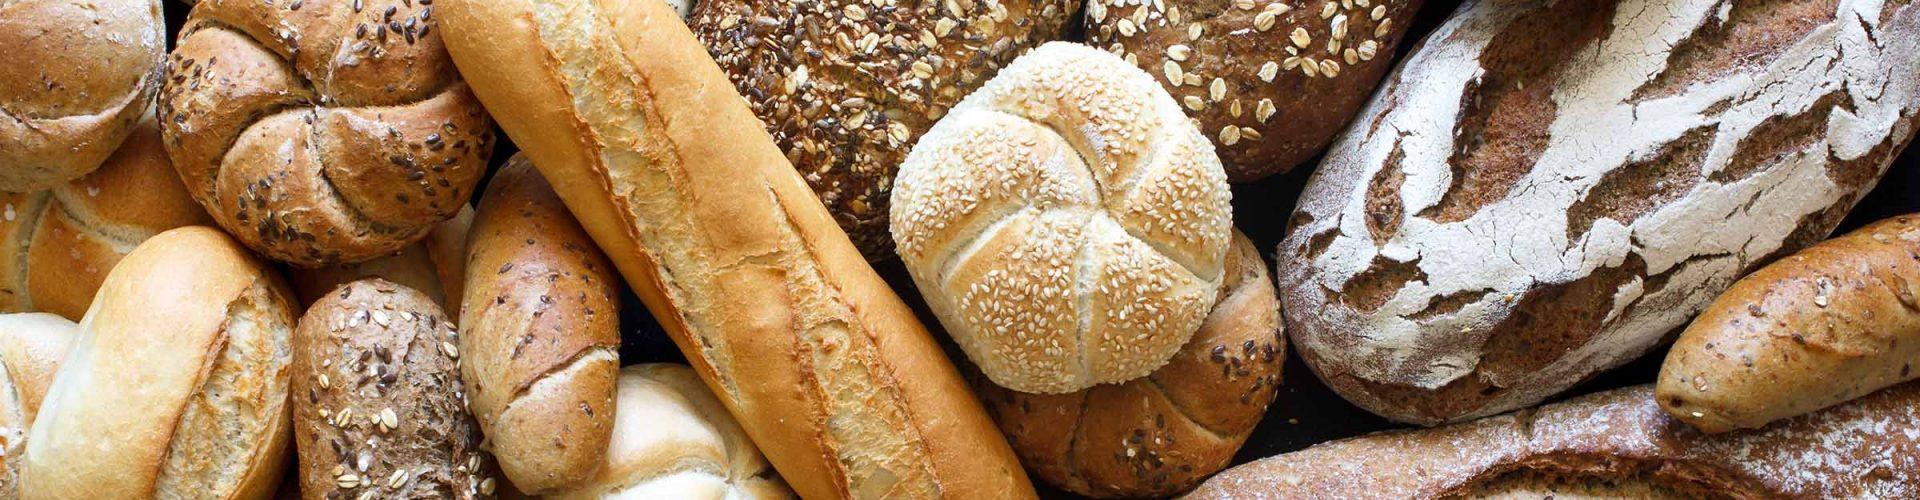 An array of artisan bread